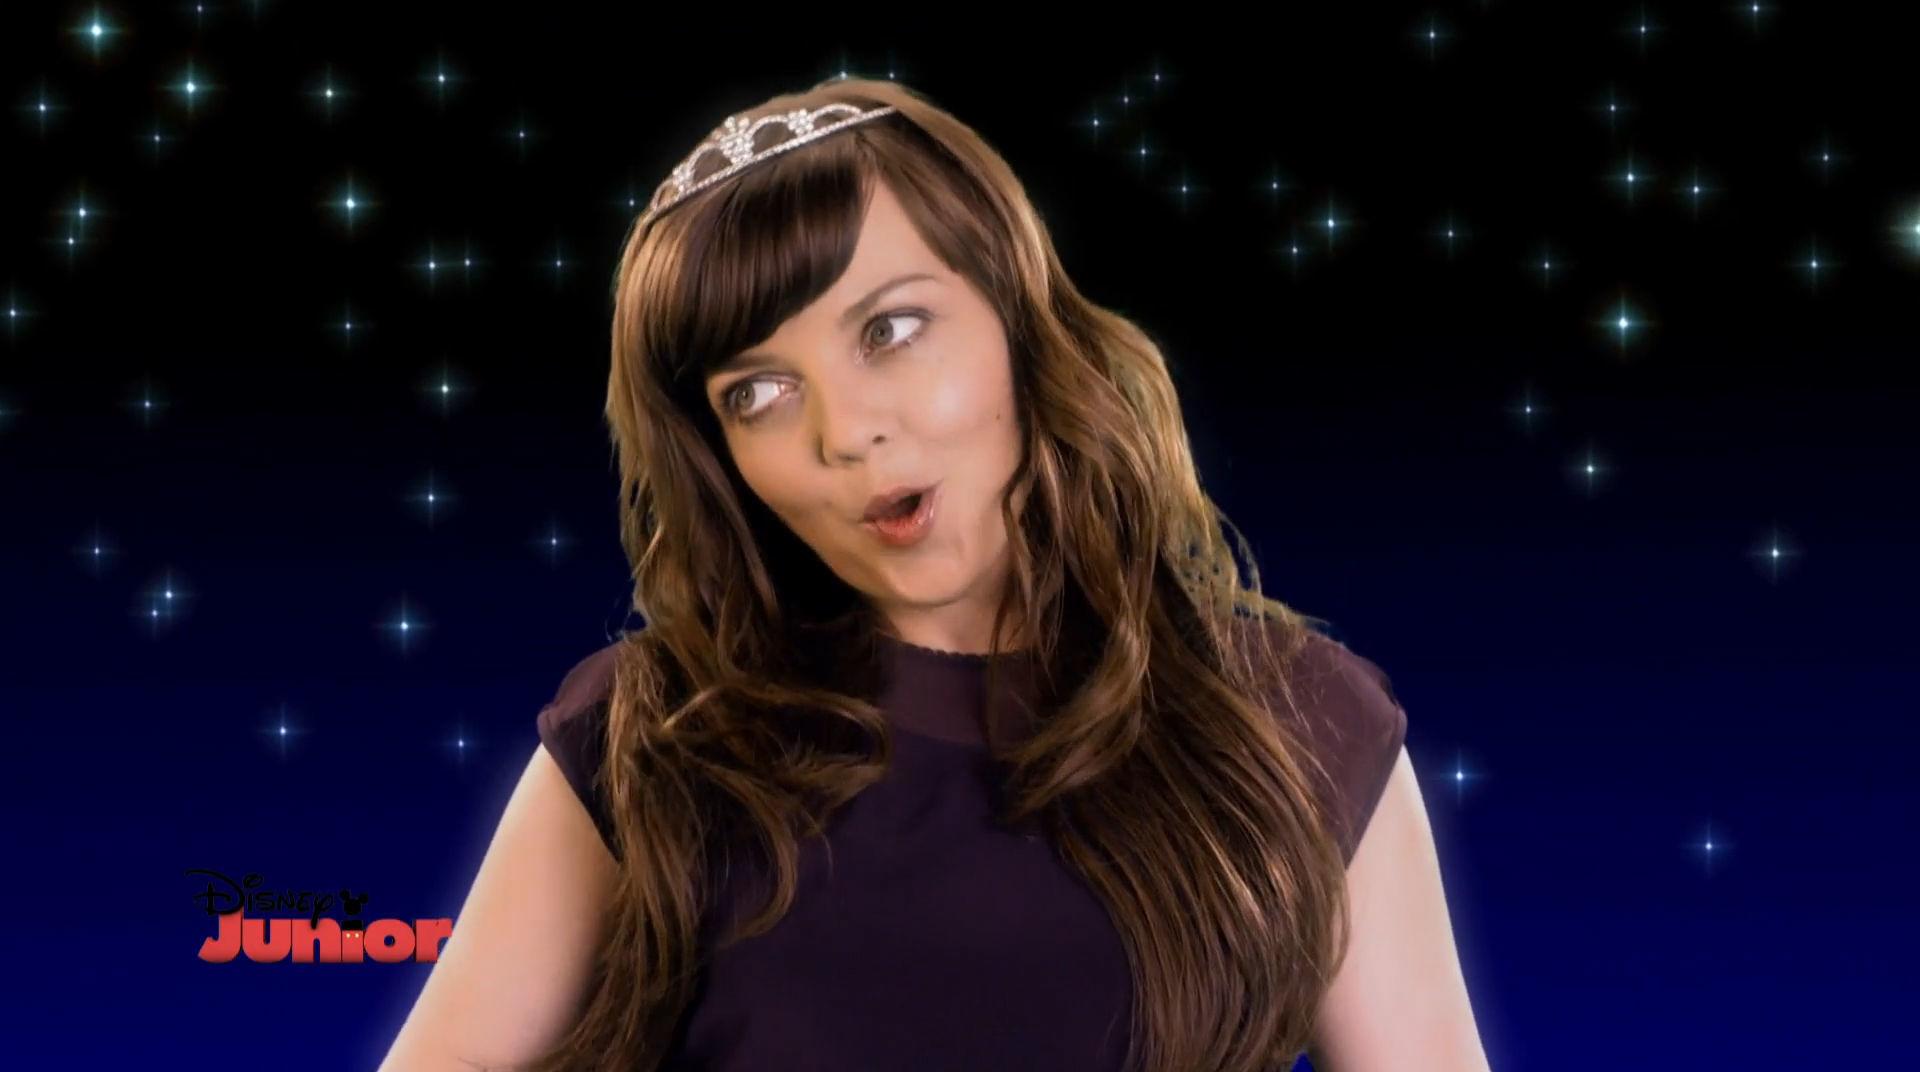 Sofia die Erste - Musikvideo - Annett Louisan